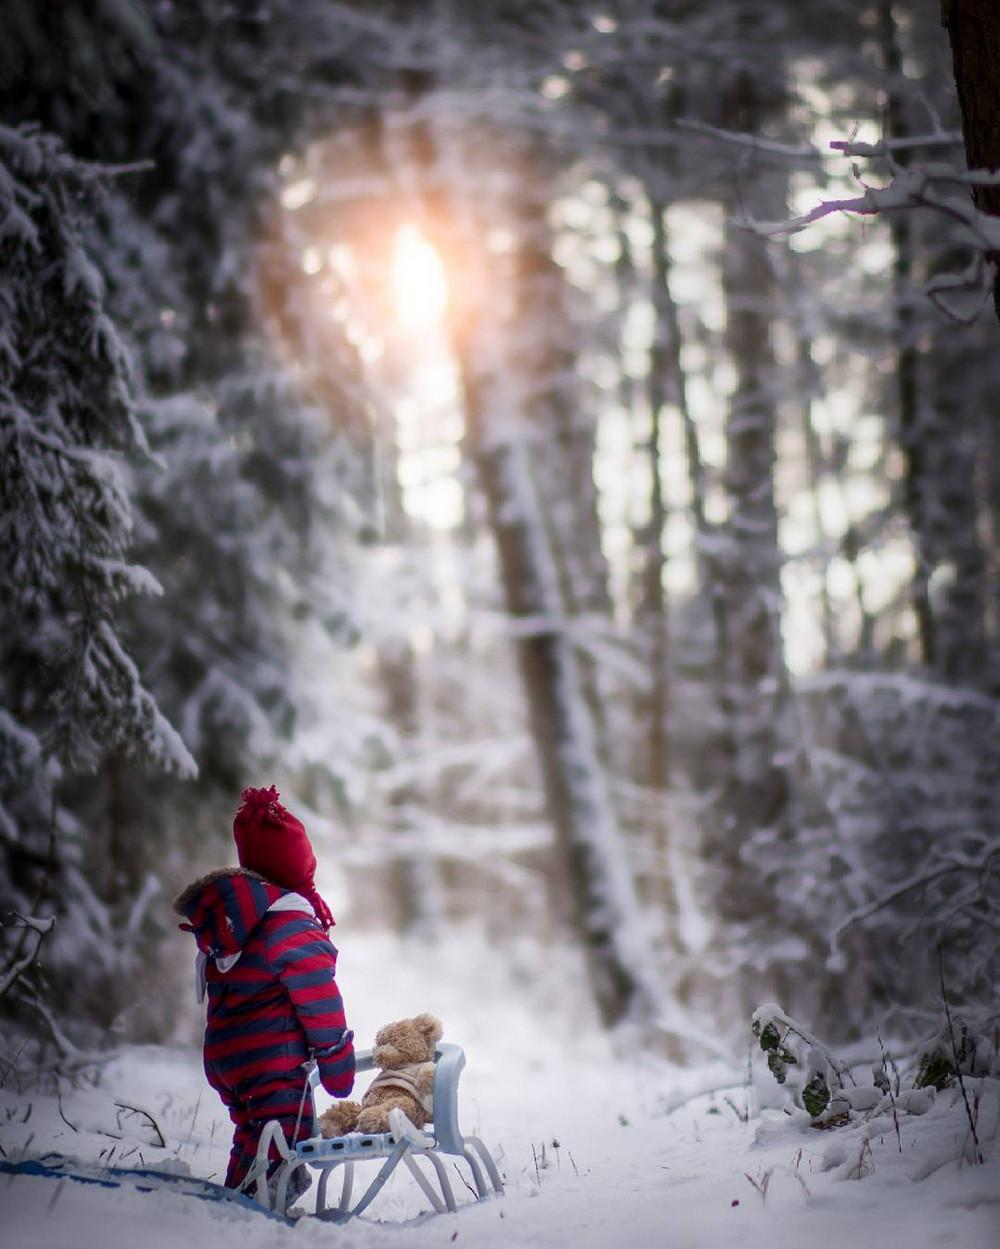 Ивона Подласинска фотографирует детство 15